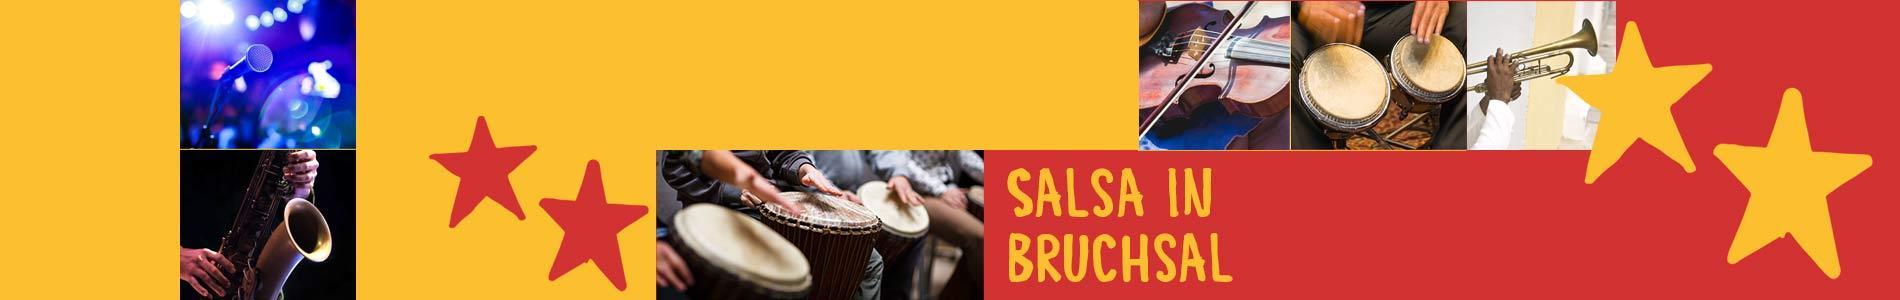 Salsa in Bruchsal – Salsa lernen und tanzen, Tanzkurse, Partys, Veranstaltungen